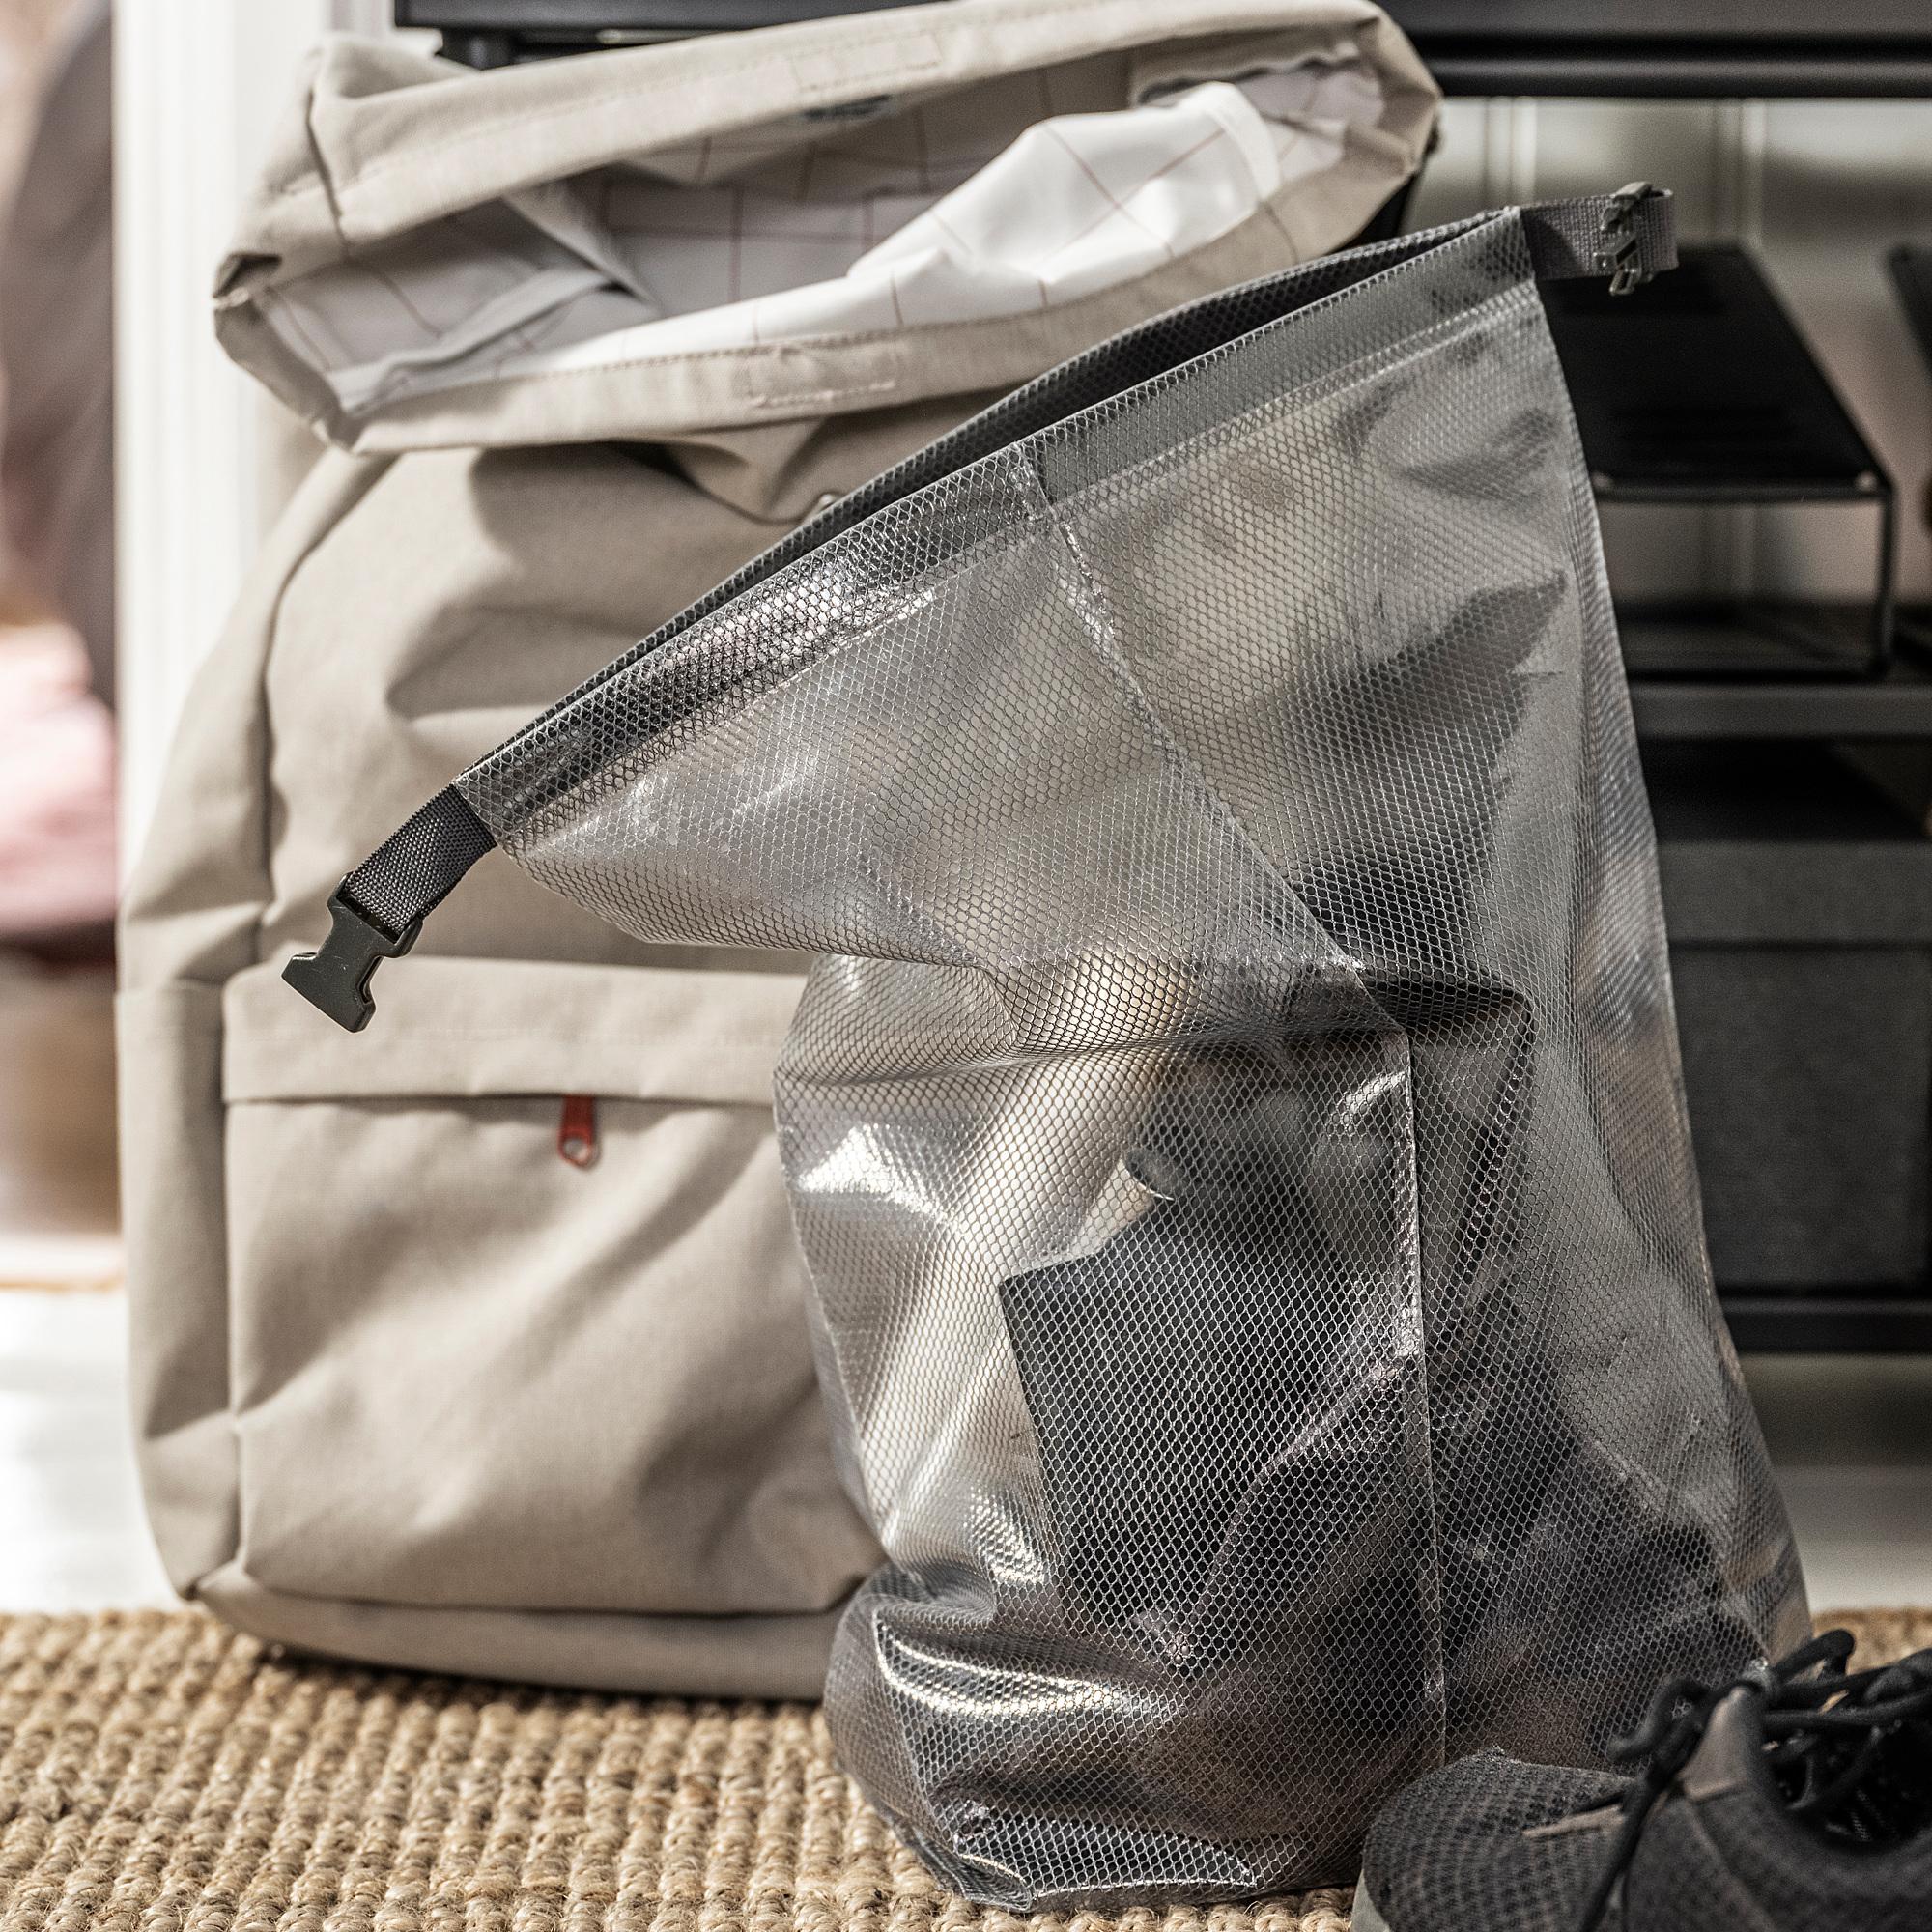 RENSARE waterproof bag